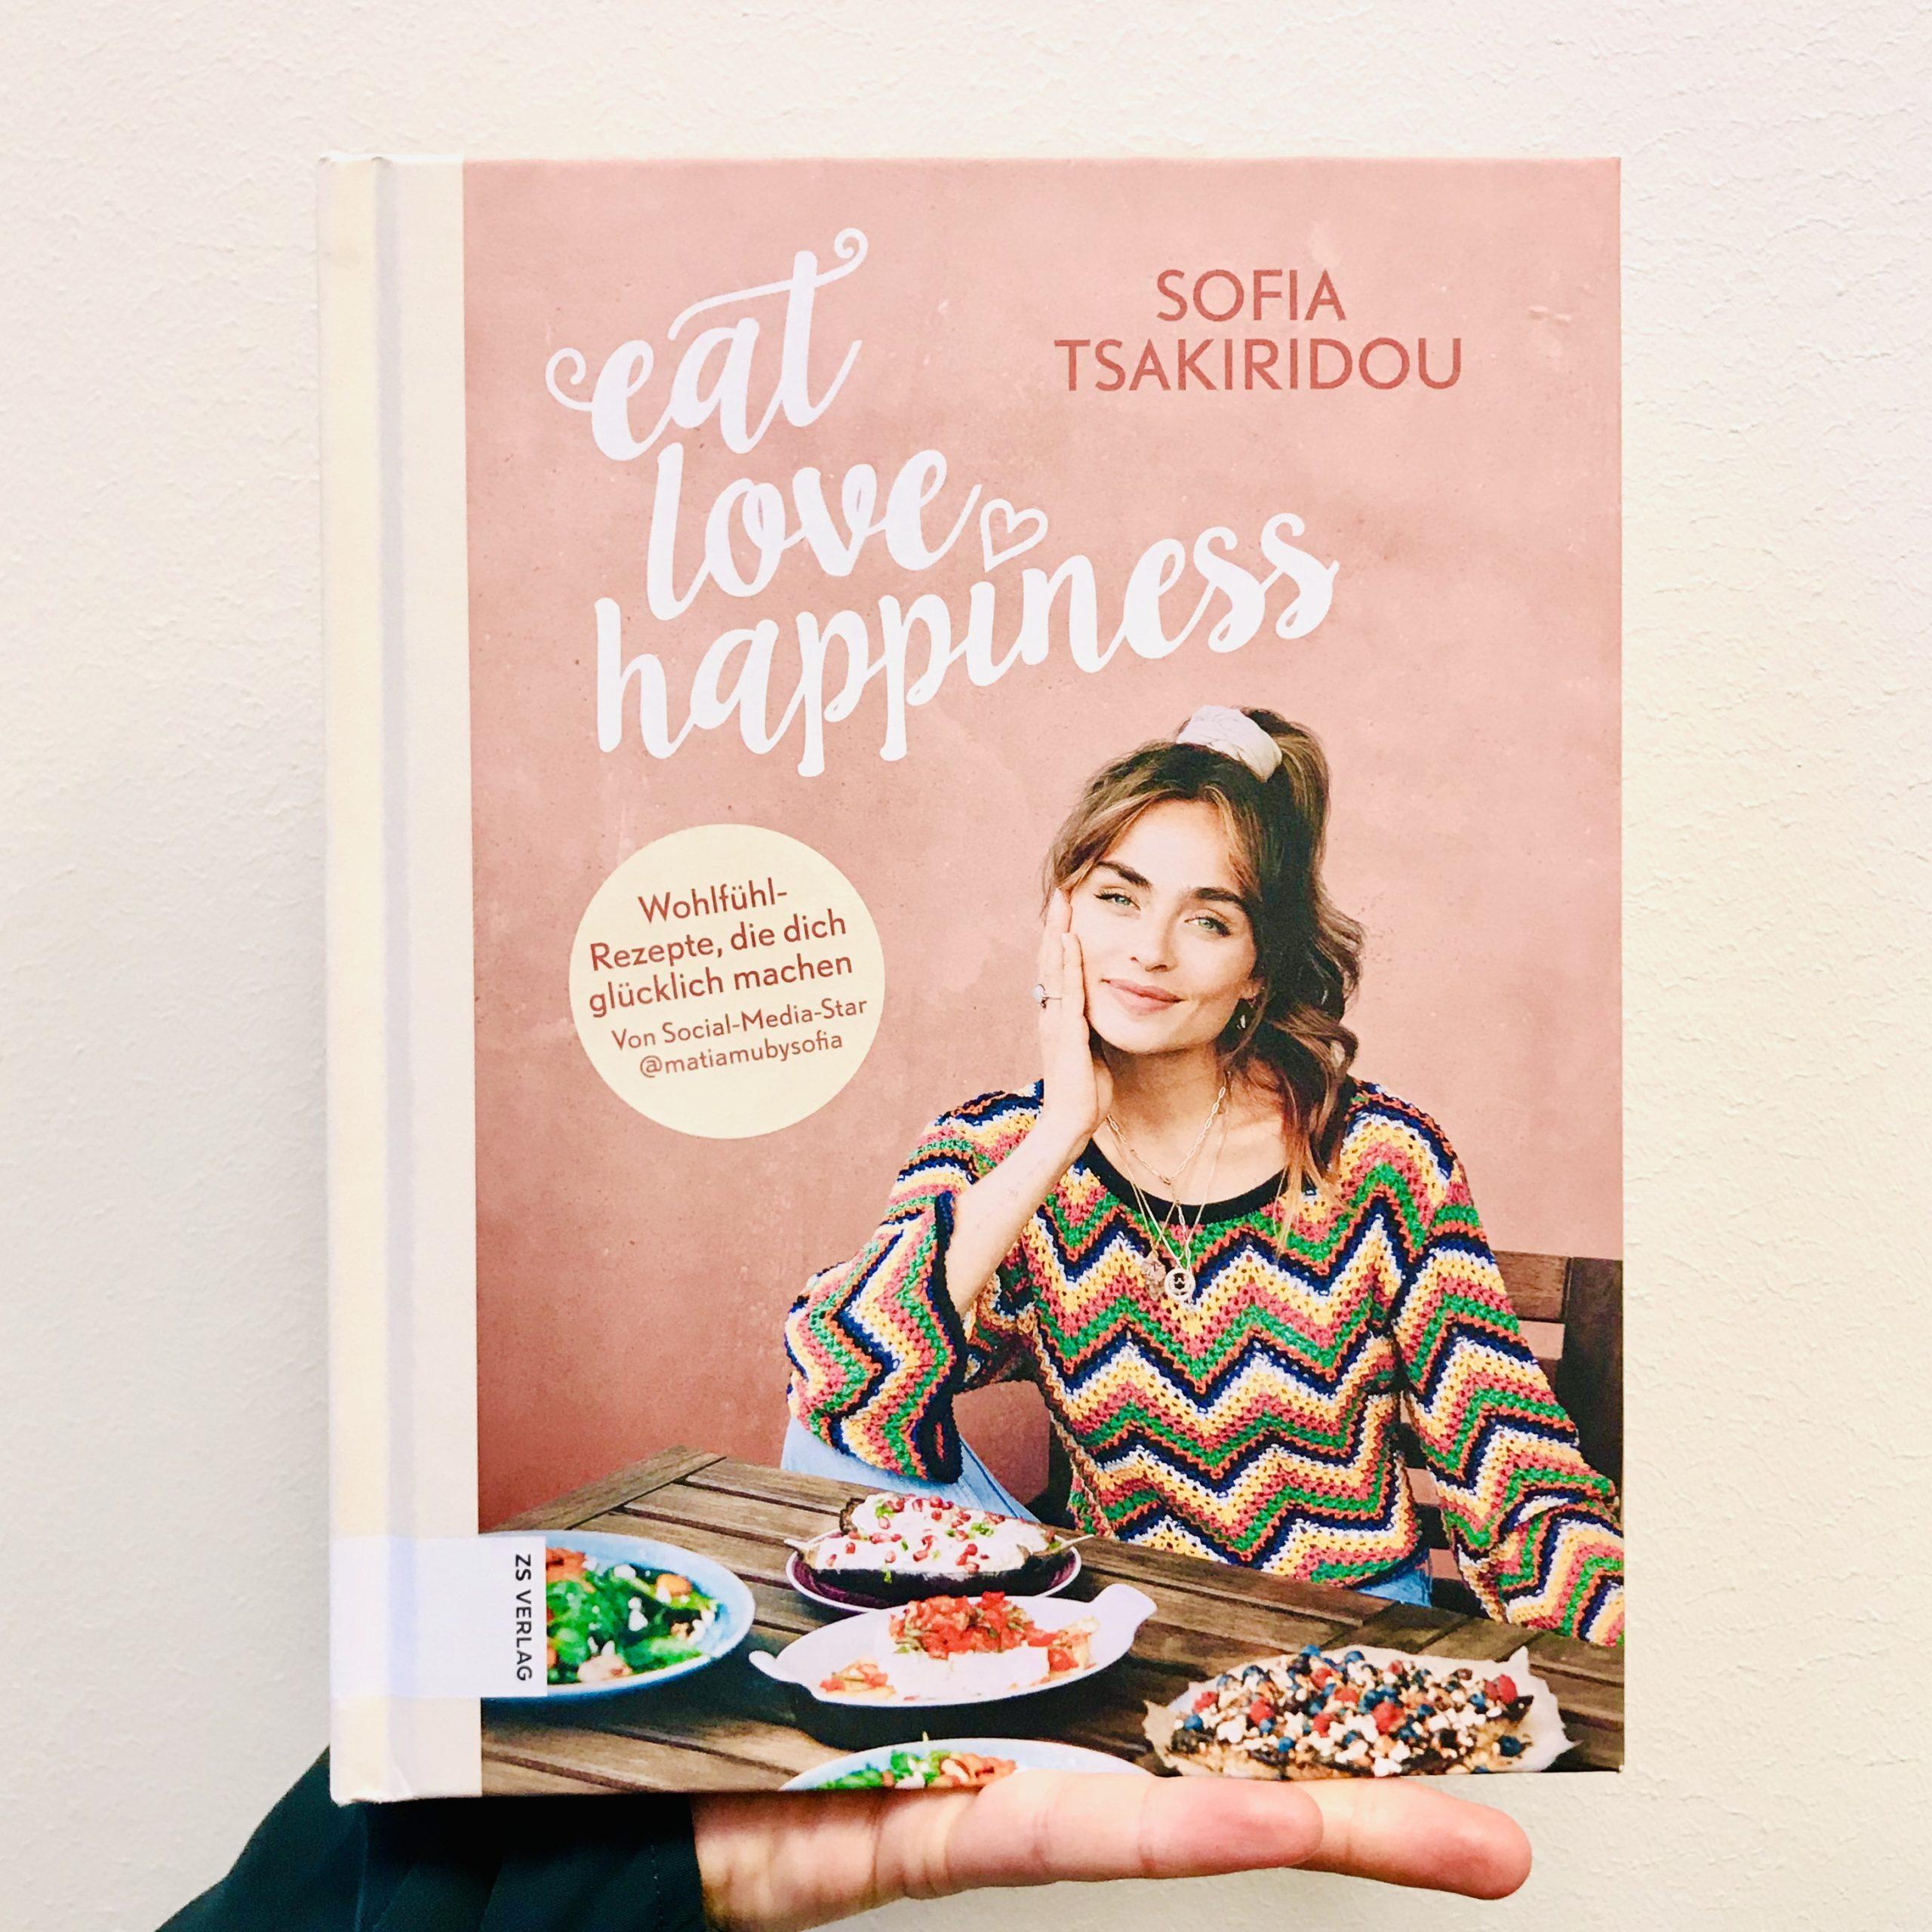 Gewinne das Buch von Sofia Tsakiridou